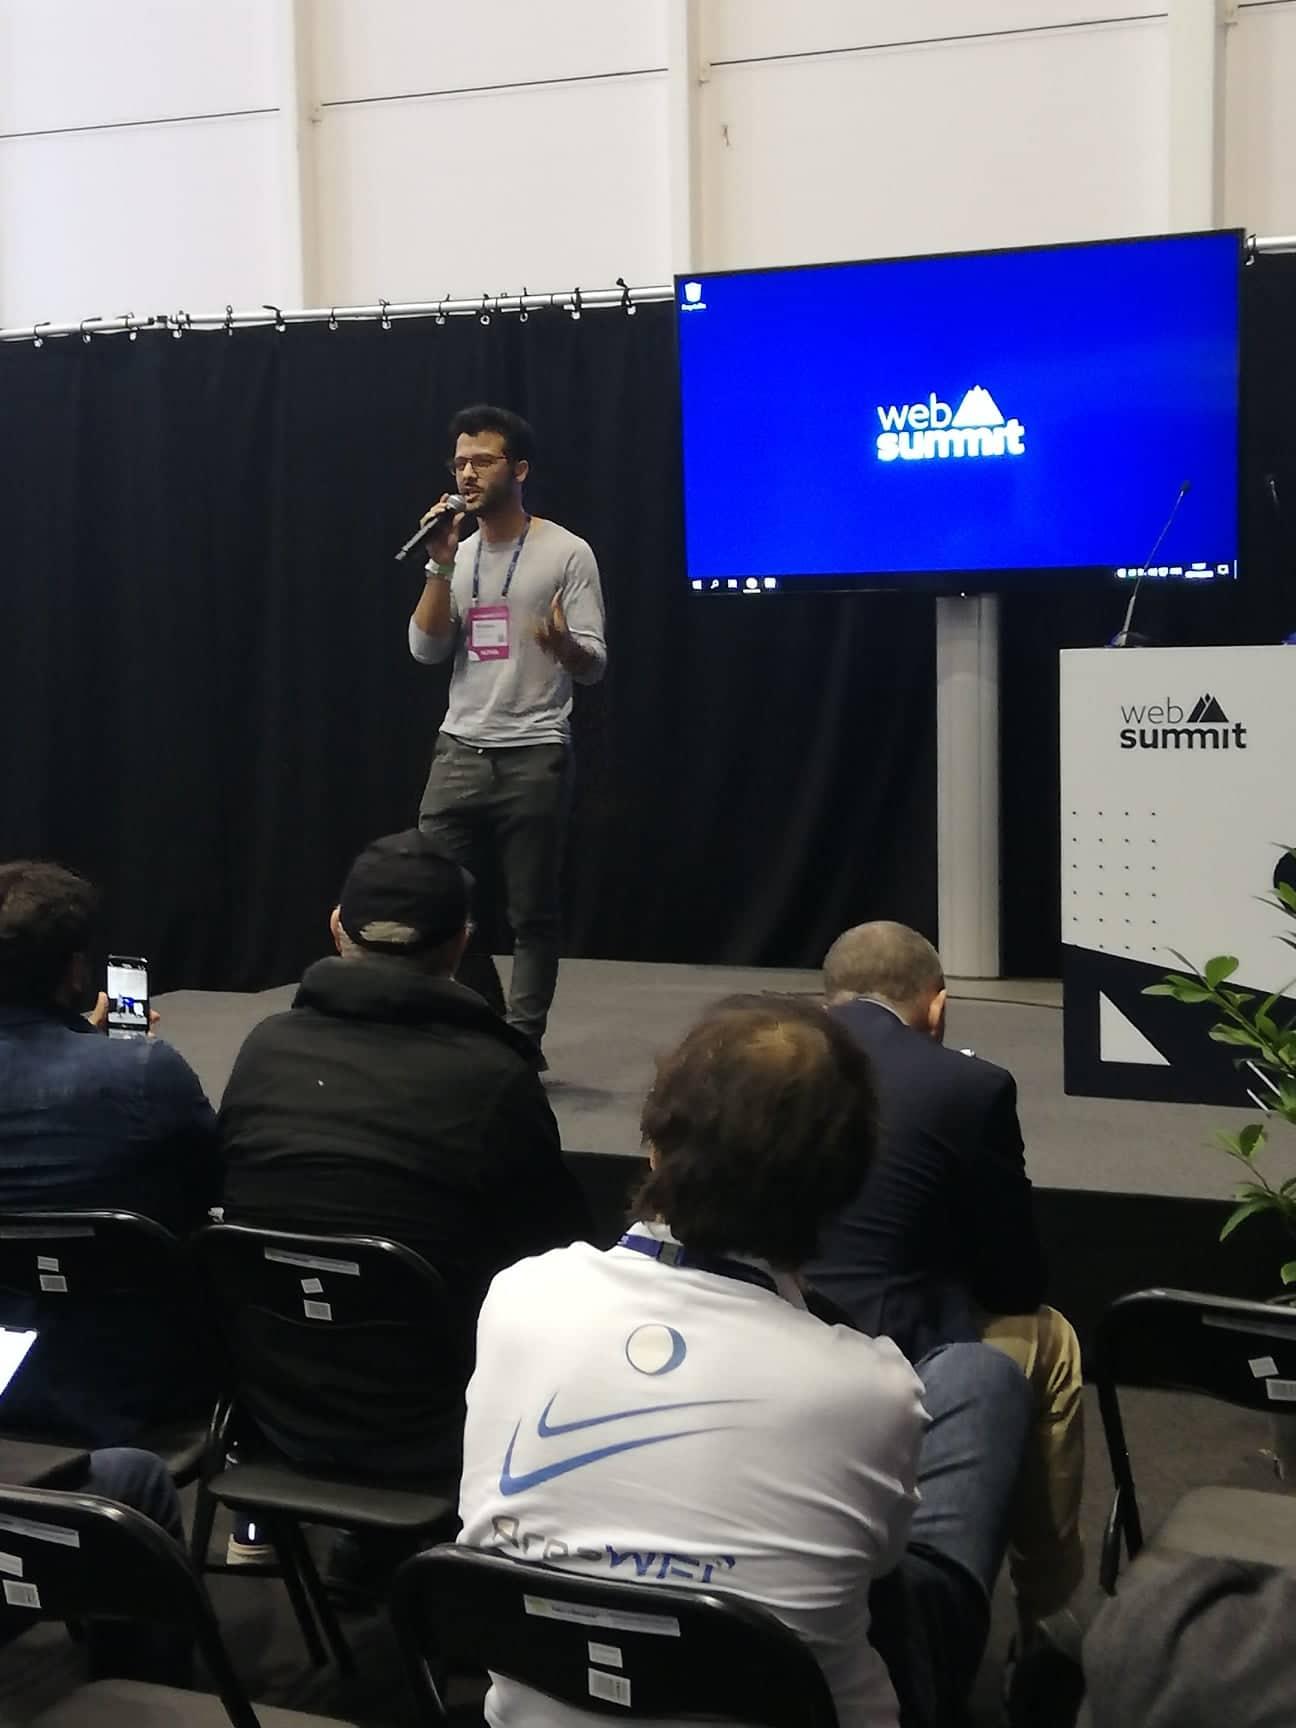 Italian startups websummit